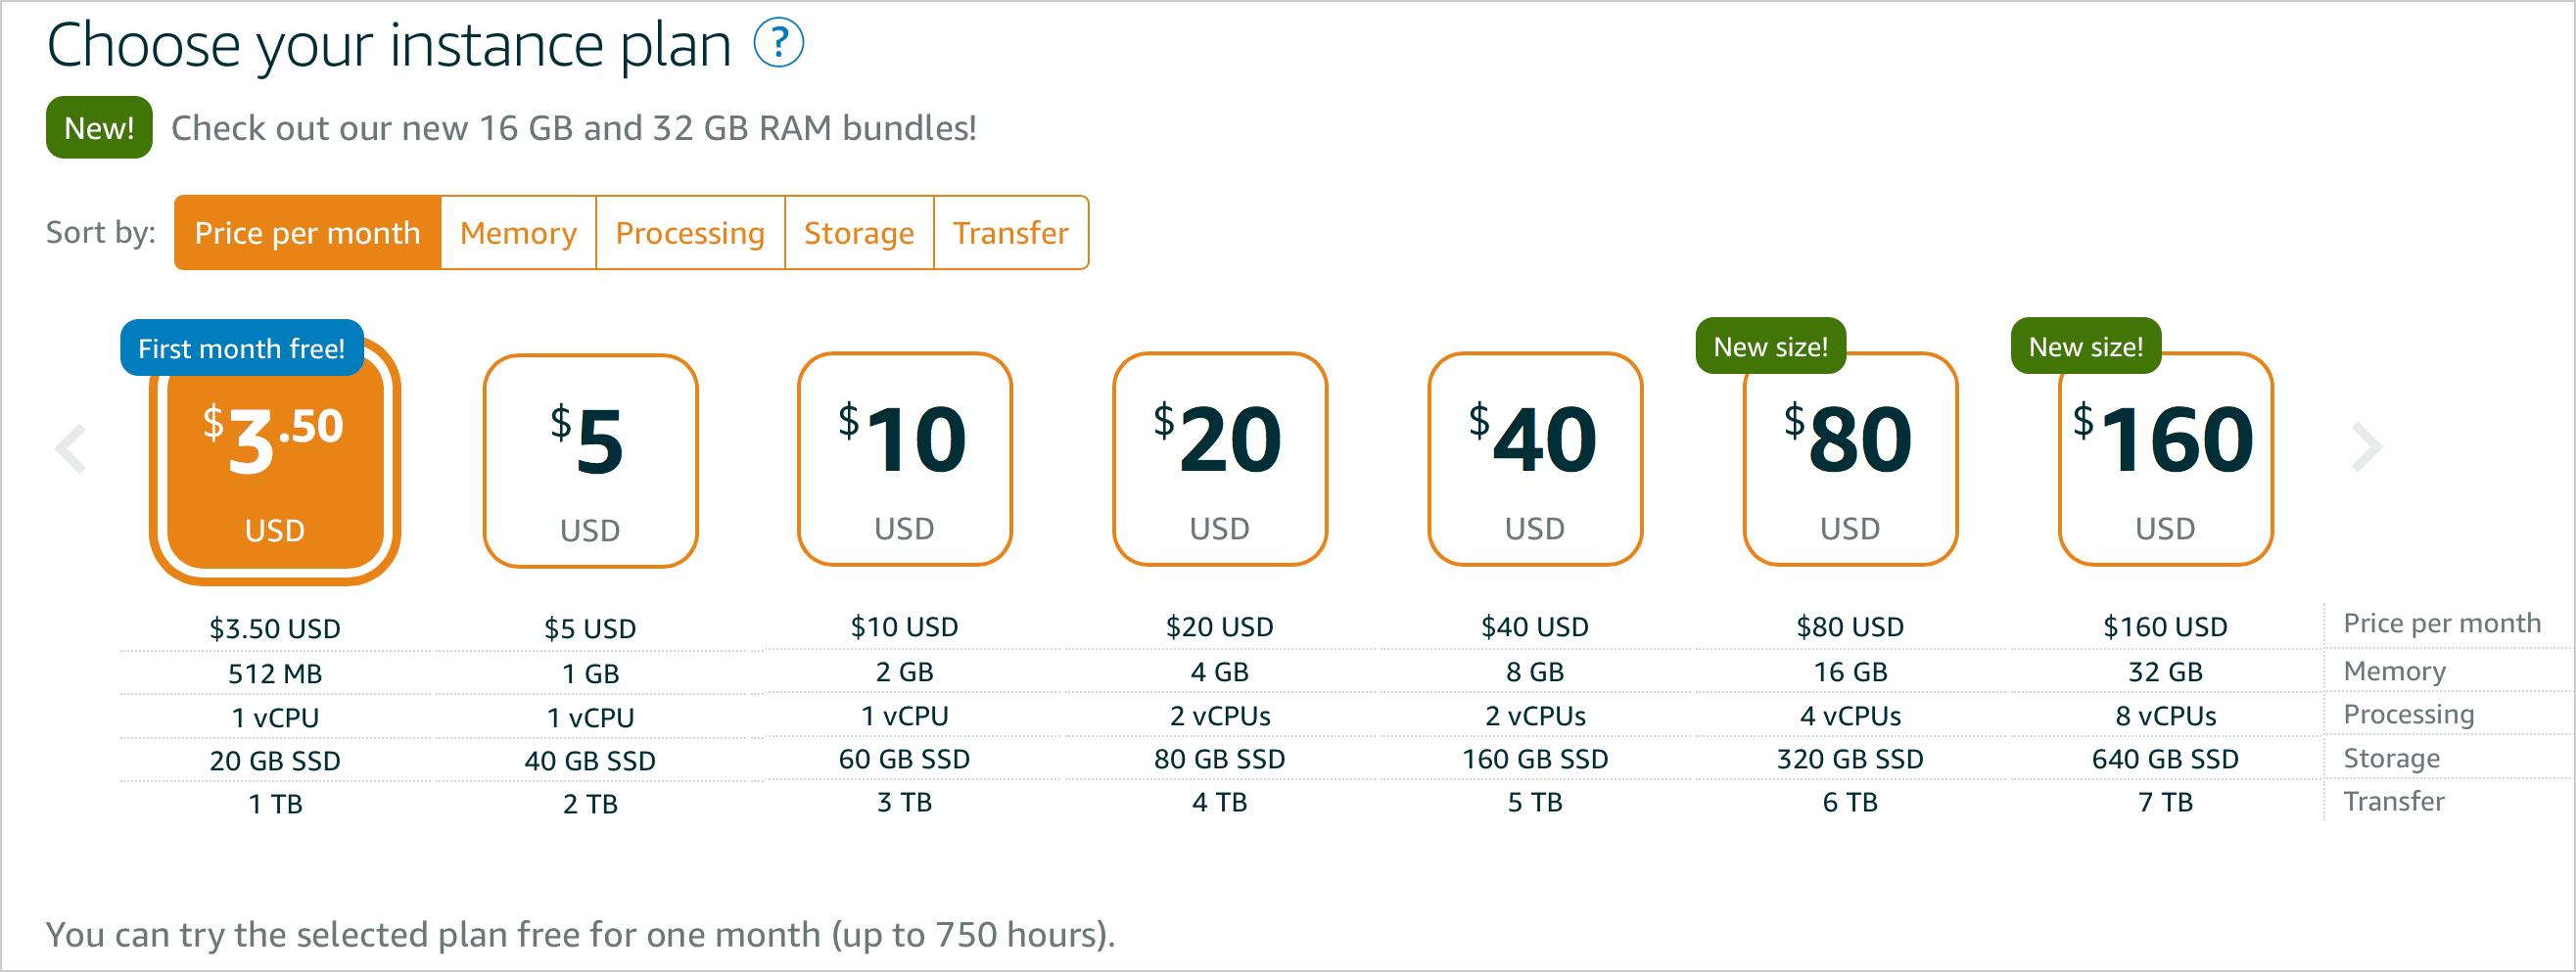 2018년 8월 새로운 요금표 및 플랜